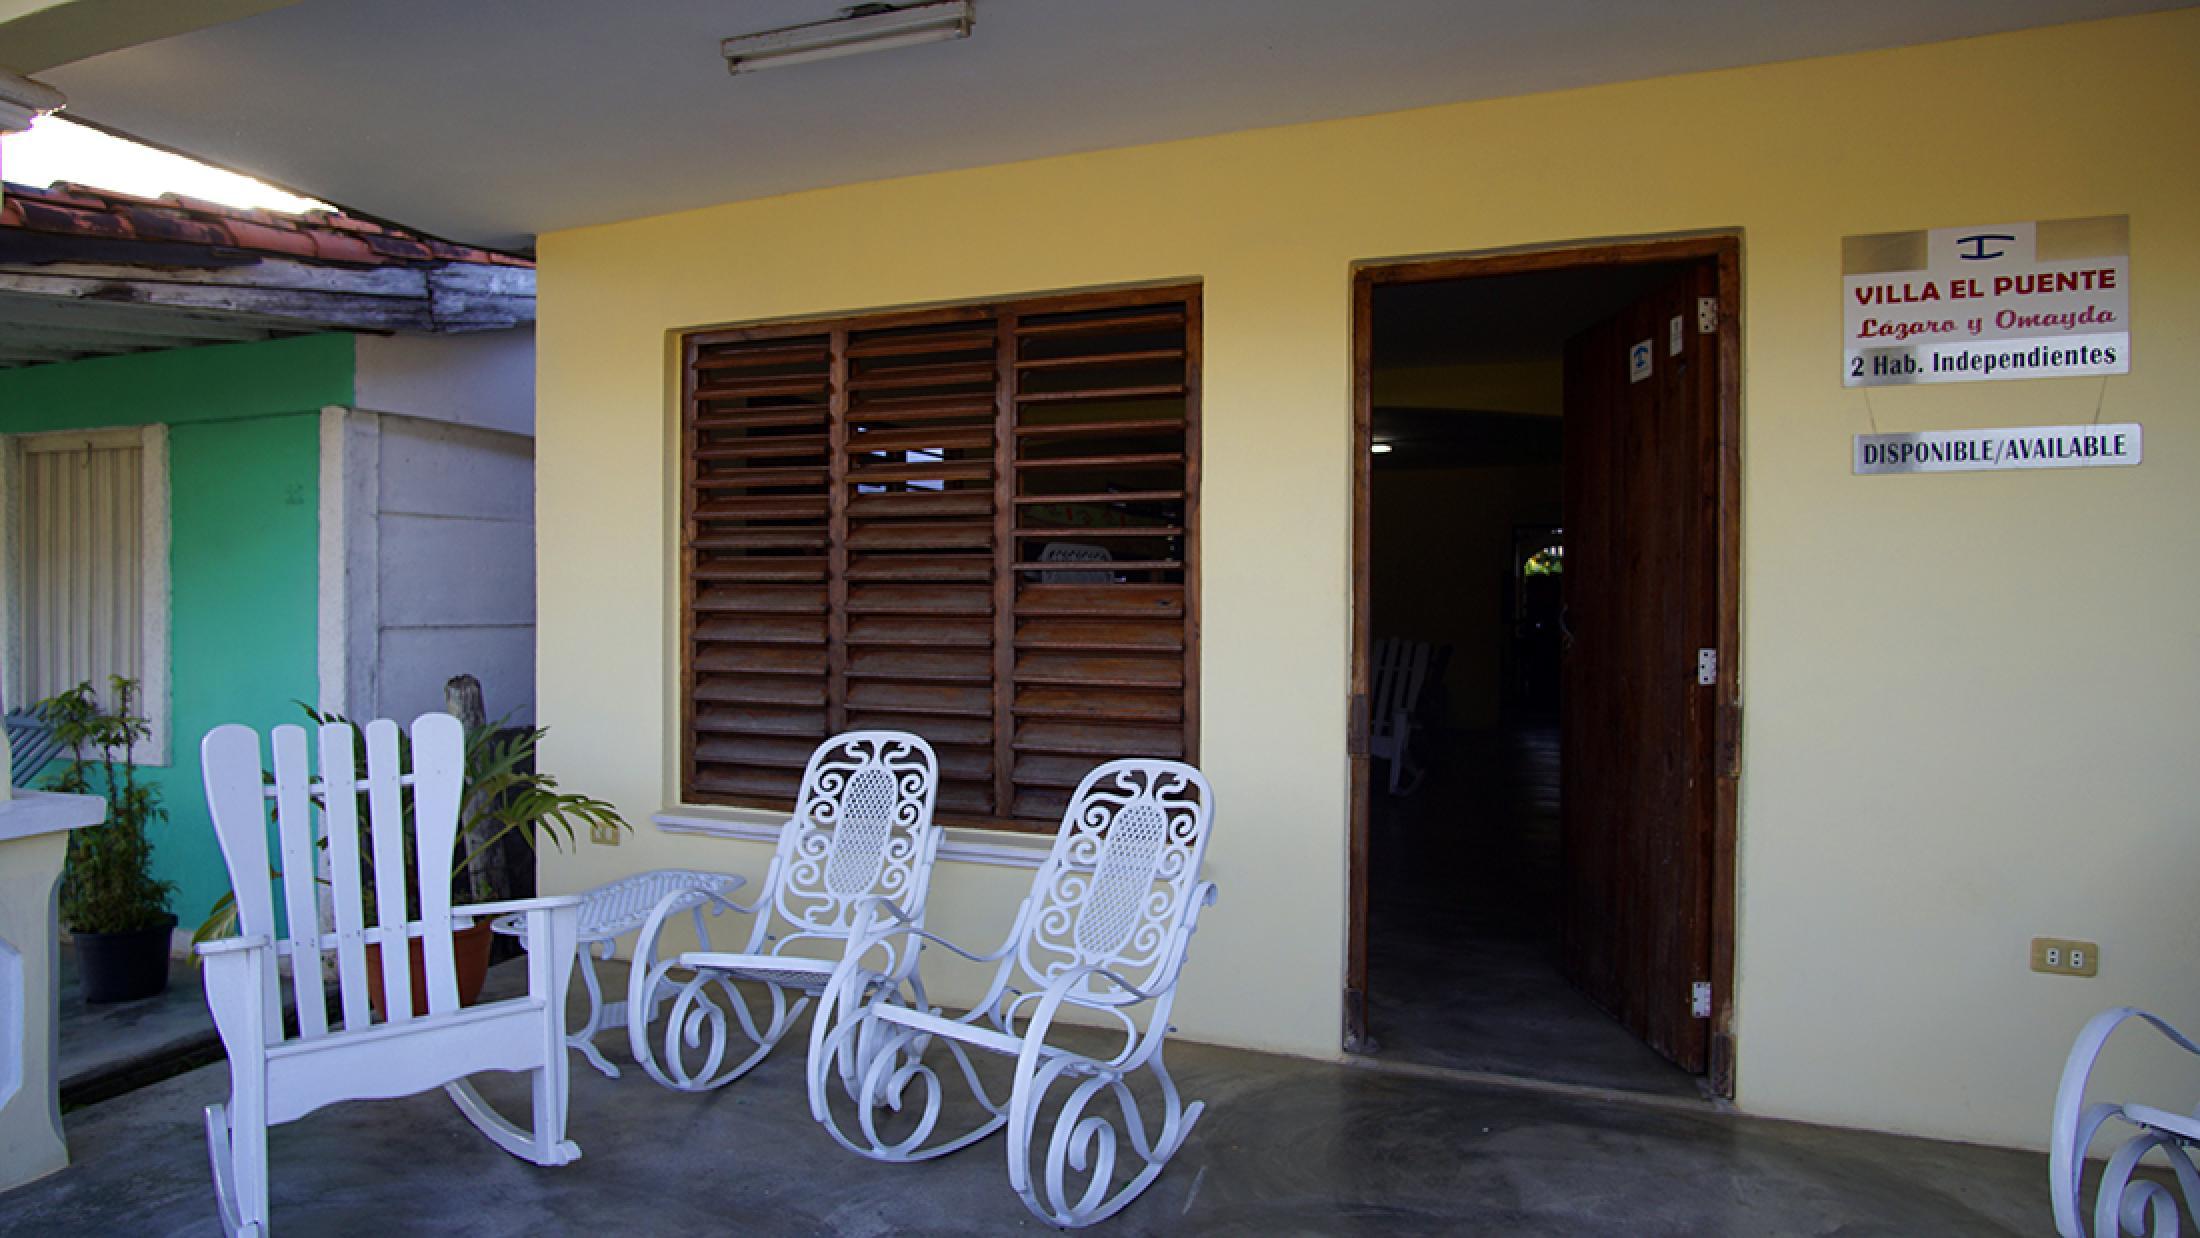 Villa El Puente